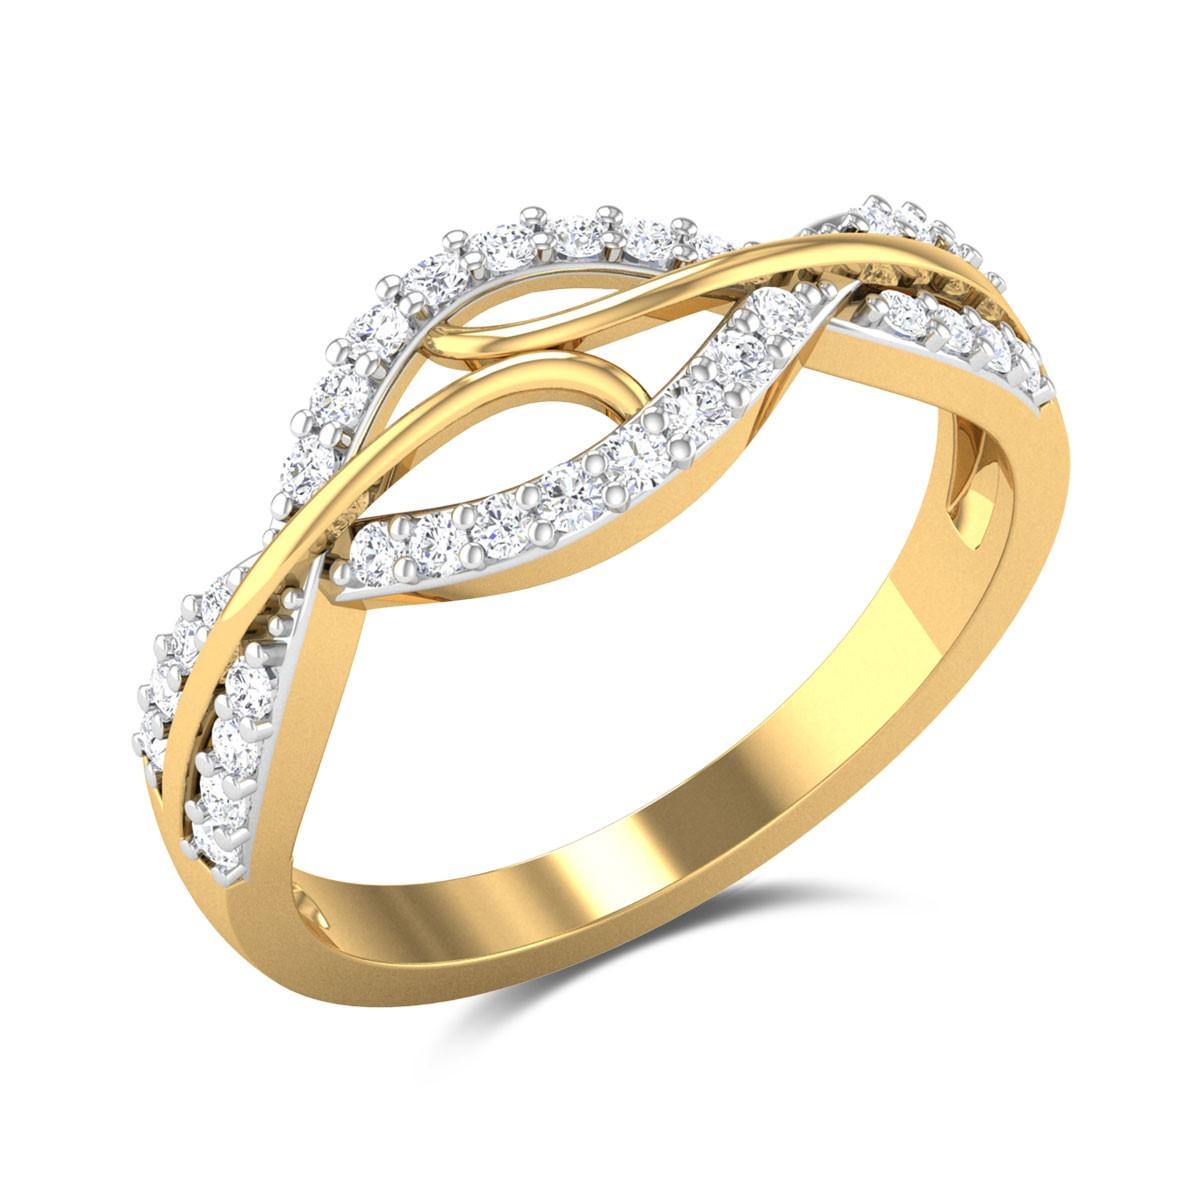 Kolleen Diamond Ring